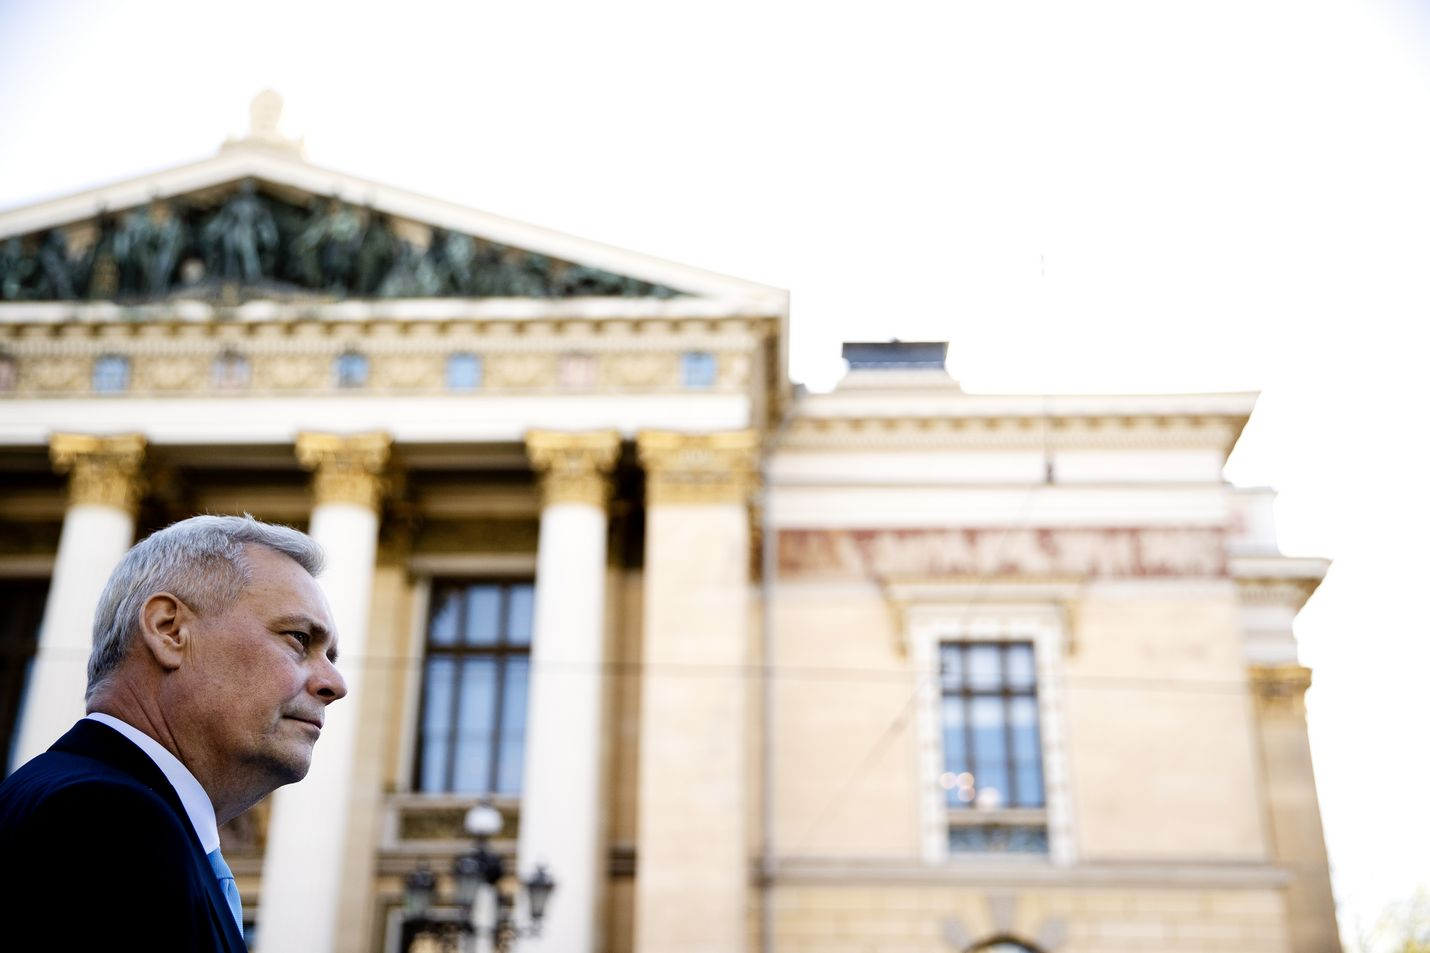 Hallituksen muodostaja Antti Rinne on vaitonainen neuvottelujen yksityiskohdista.  Vasta kun kokonaisuus on kasassa, tiedetään hallitusohjelman sisältö, hän perusteli.